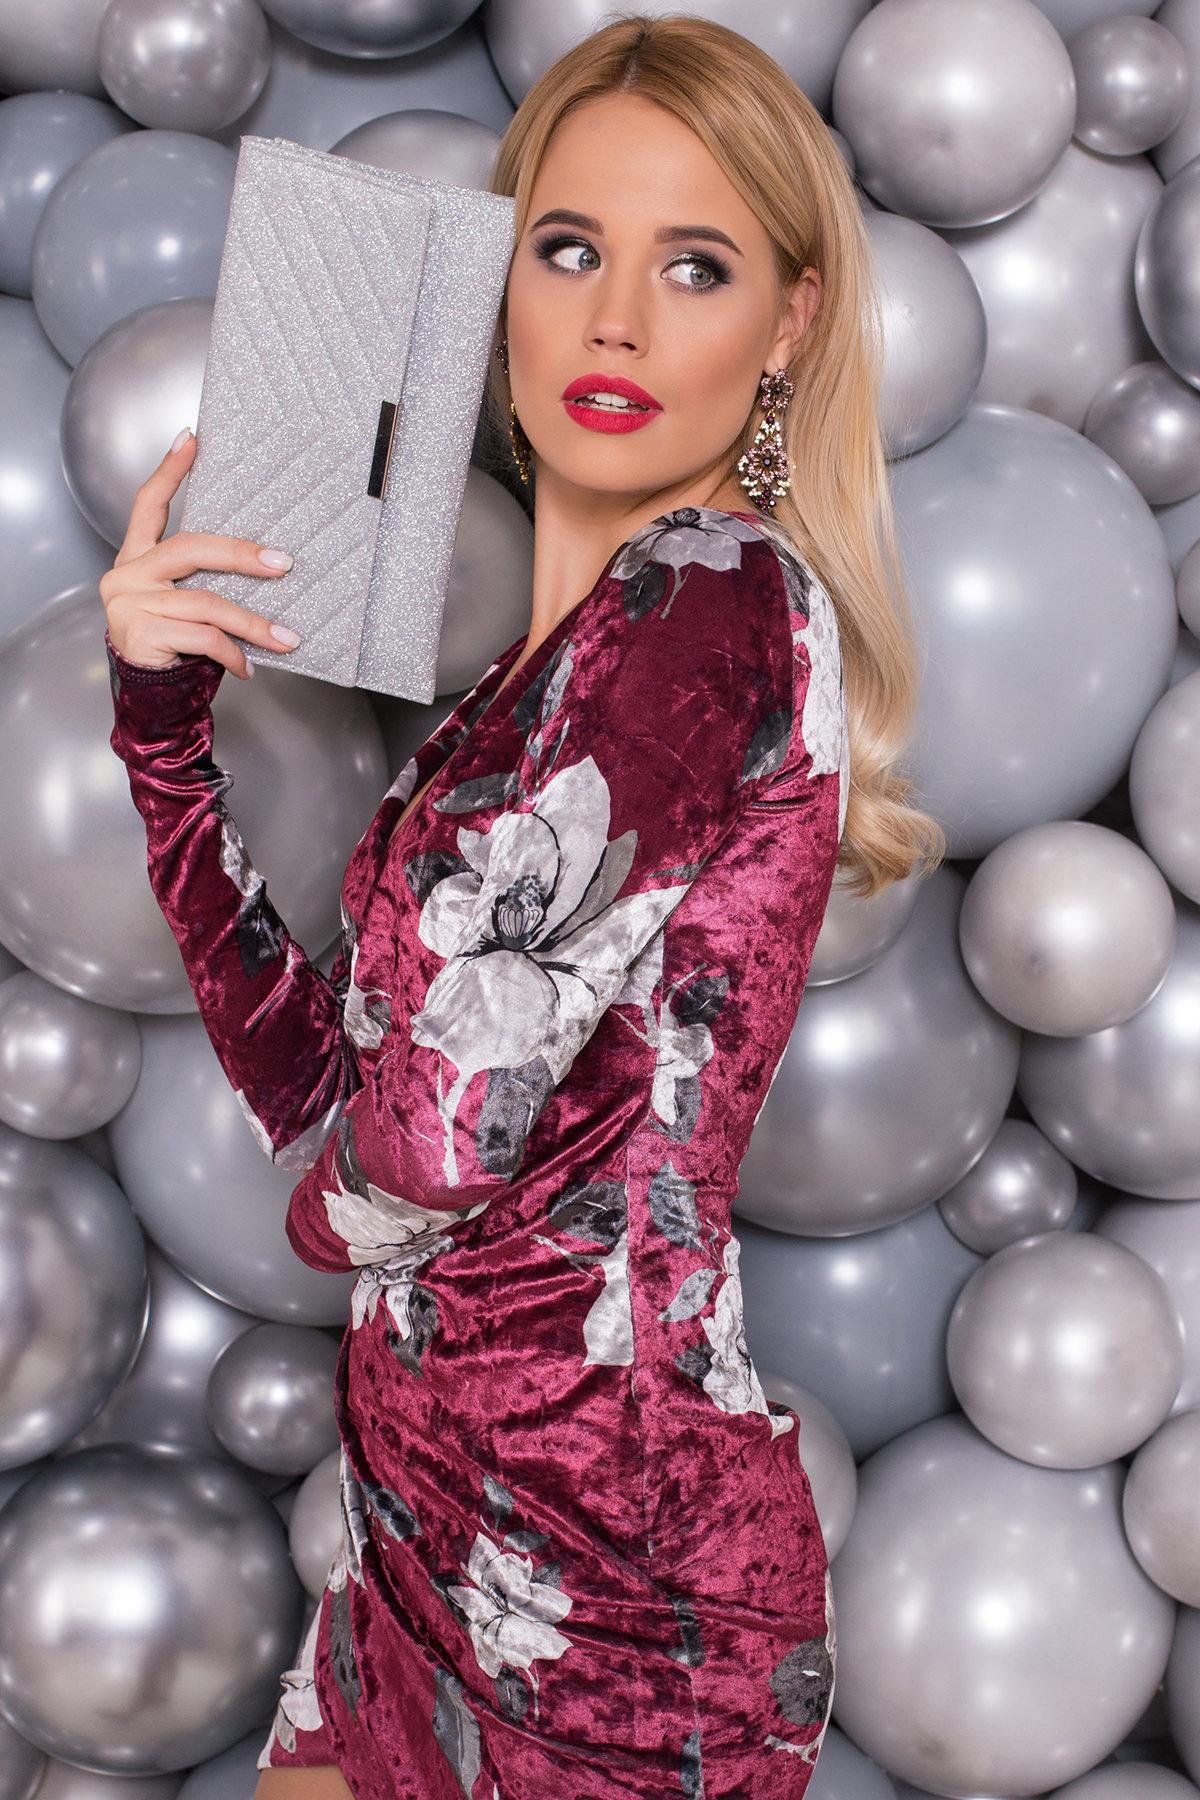 Платье Ламия 4660 АРТ. 33651 Цвет: Марсала цветы крупные - фото 3, интернет магазин tm-modus.ru